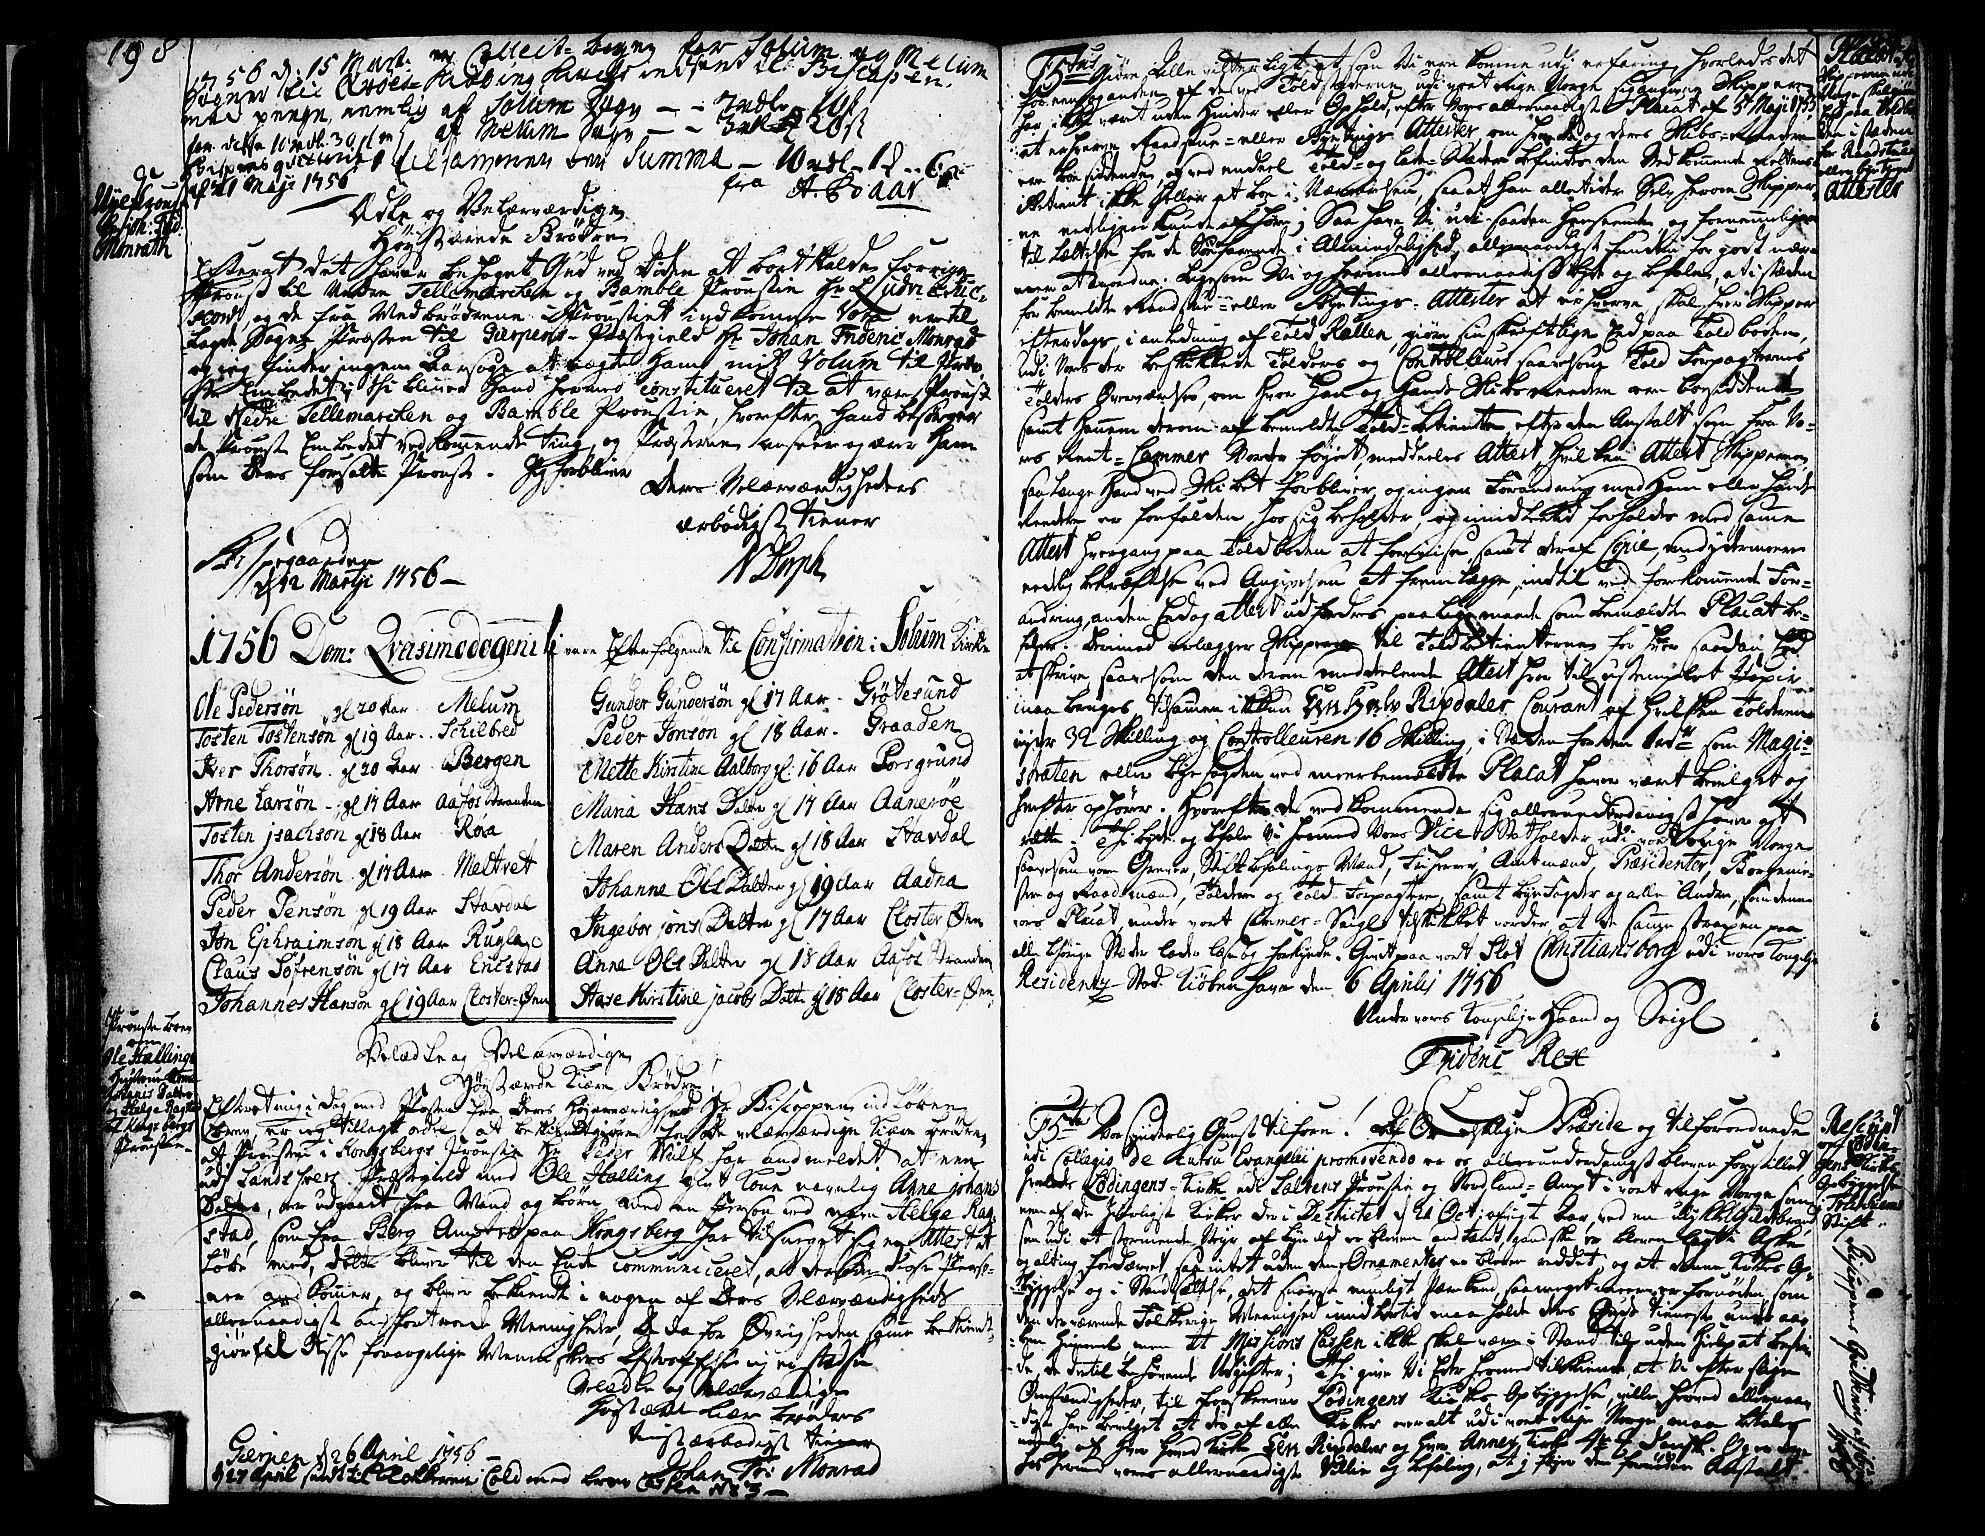 SAKO, Solum kirkebøker, Annen kirkebok nr. ?, 1743-1791, s. 198-199